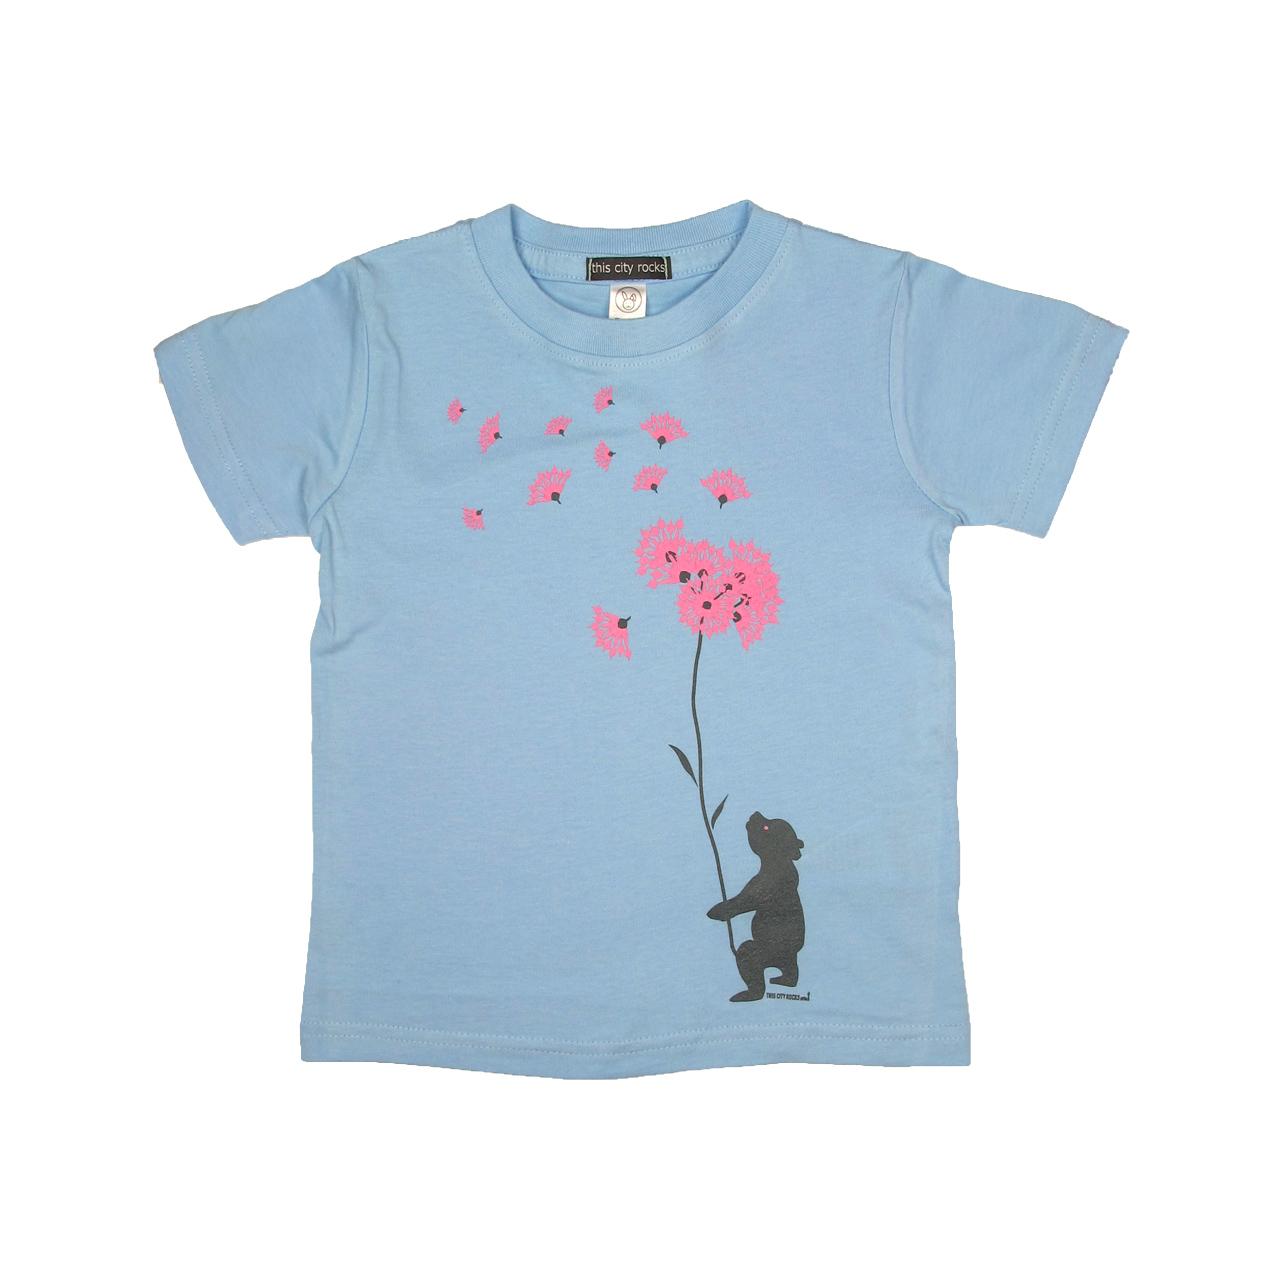 Berlin Design T-Shirt Bär / Blumen hell-blau/rosa